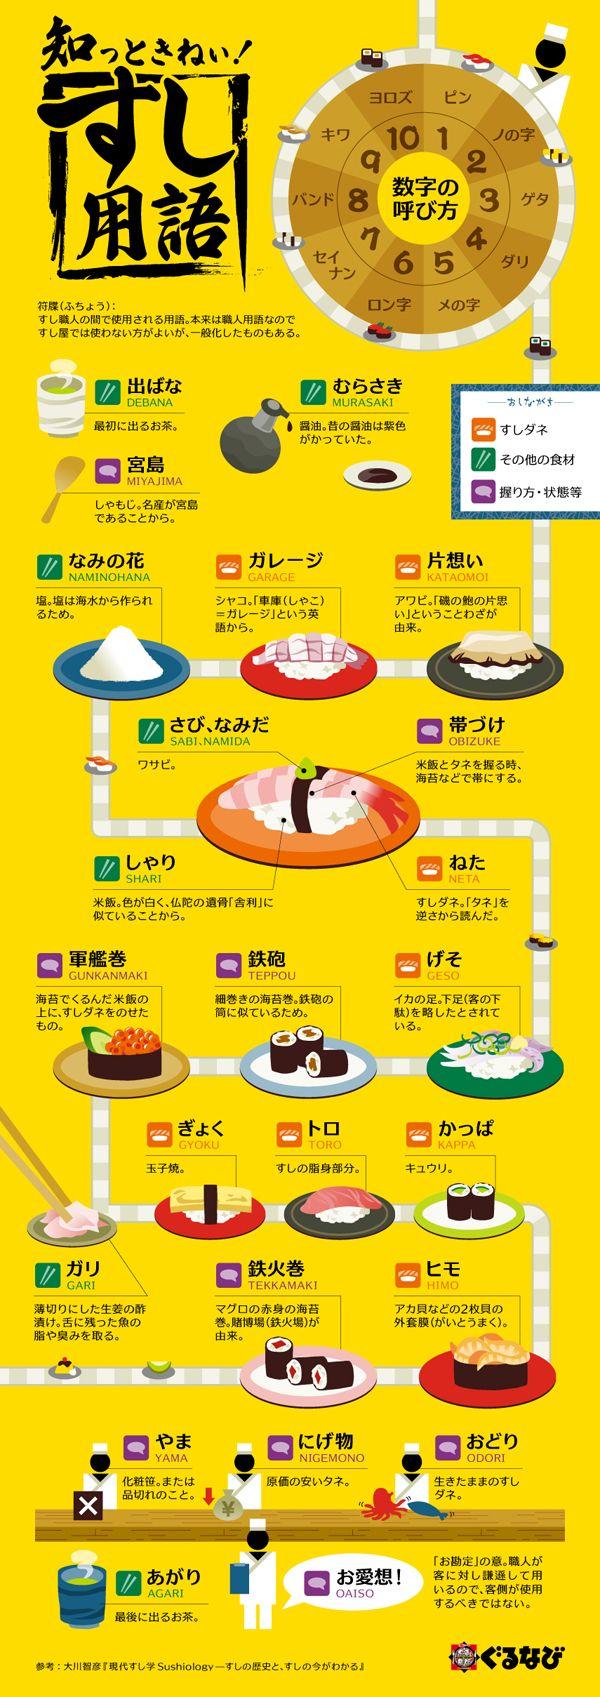 インフォグラフィックス:寿司屋で使える専門用語をまとめたインフォグラフィック